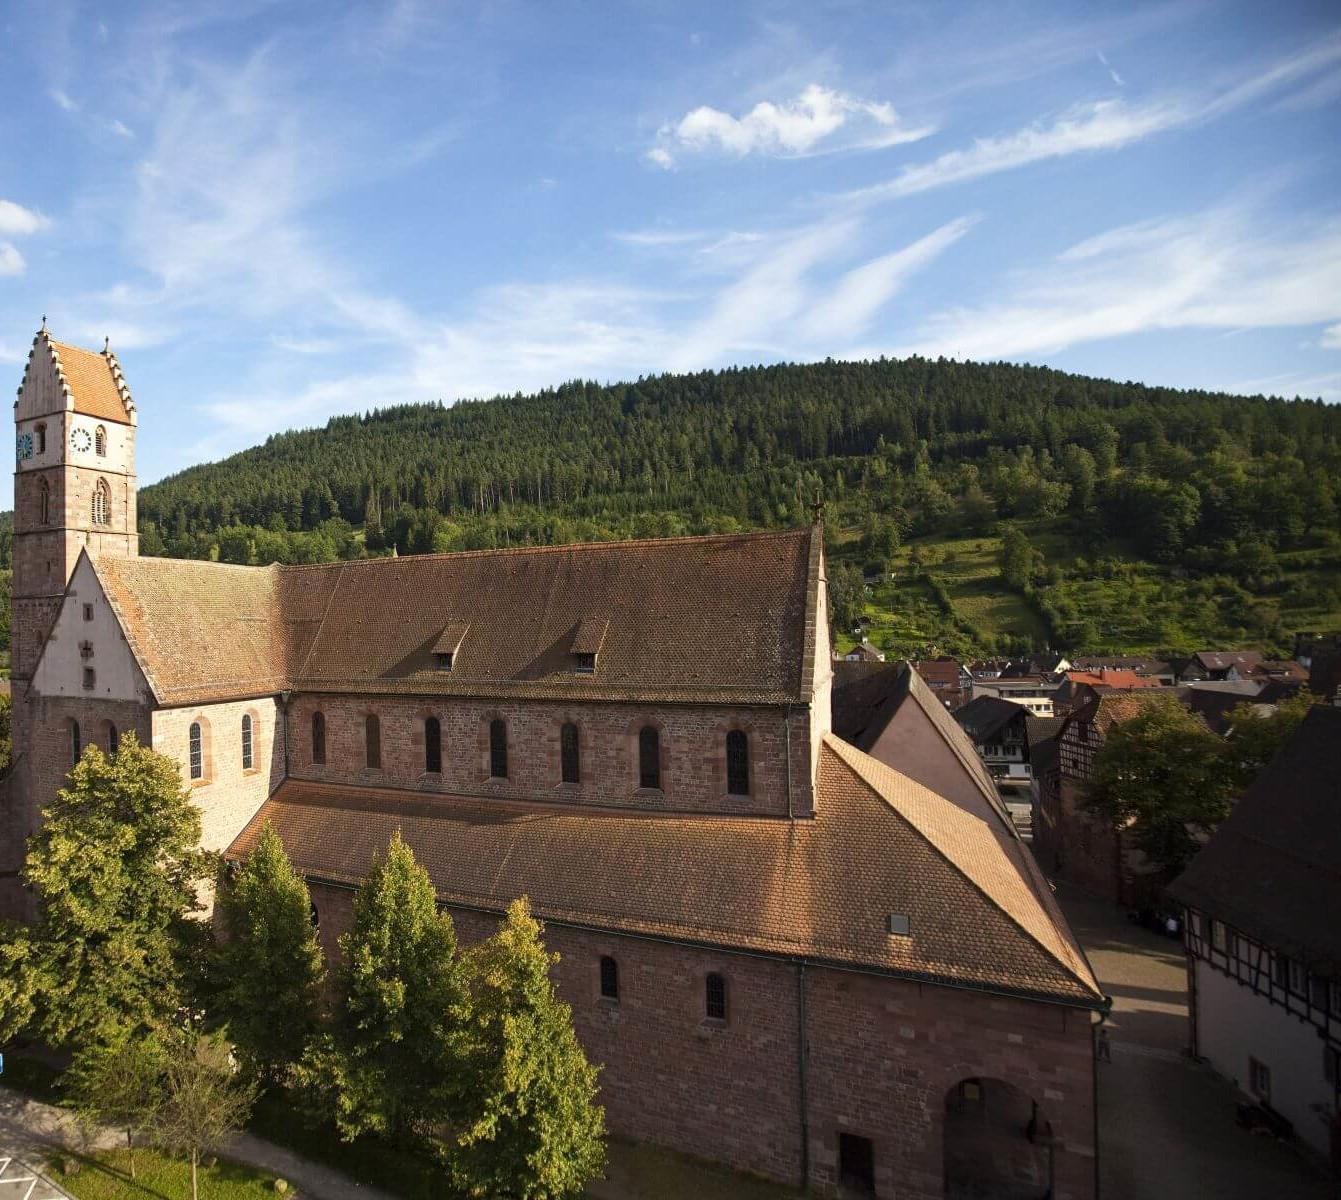 Kloster Alpirsbach © Achim Mende